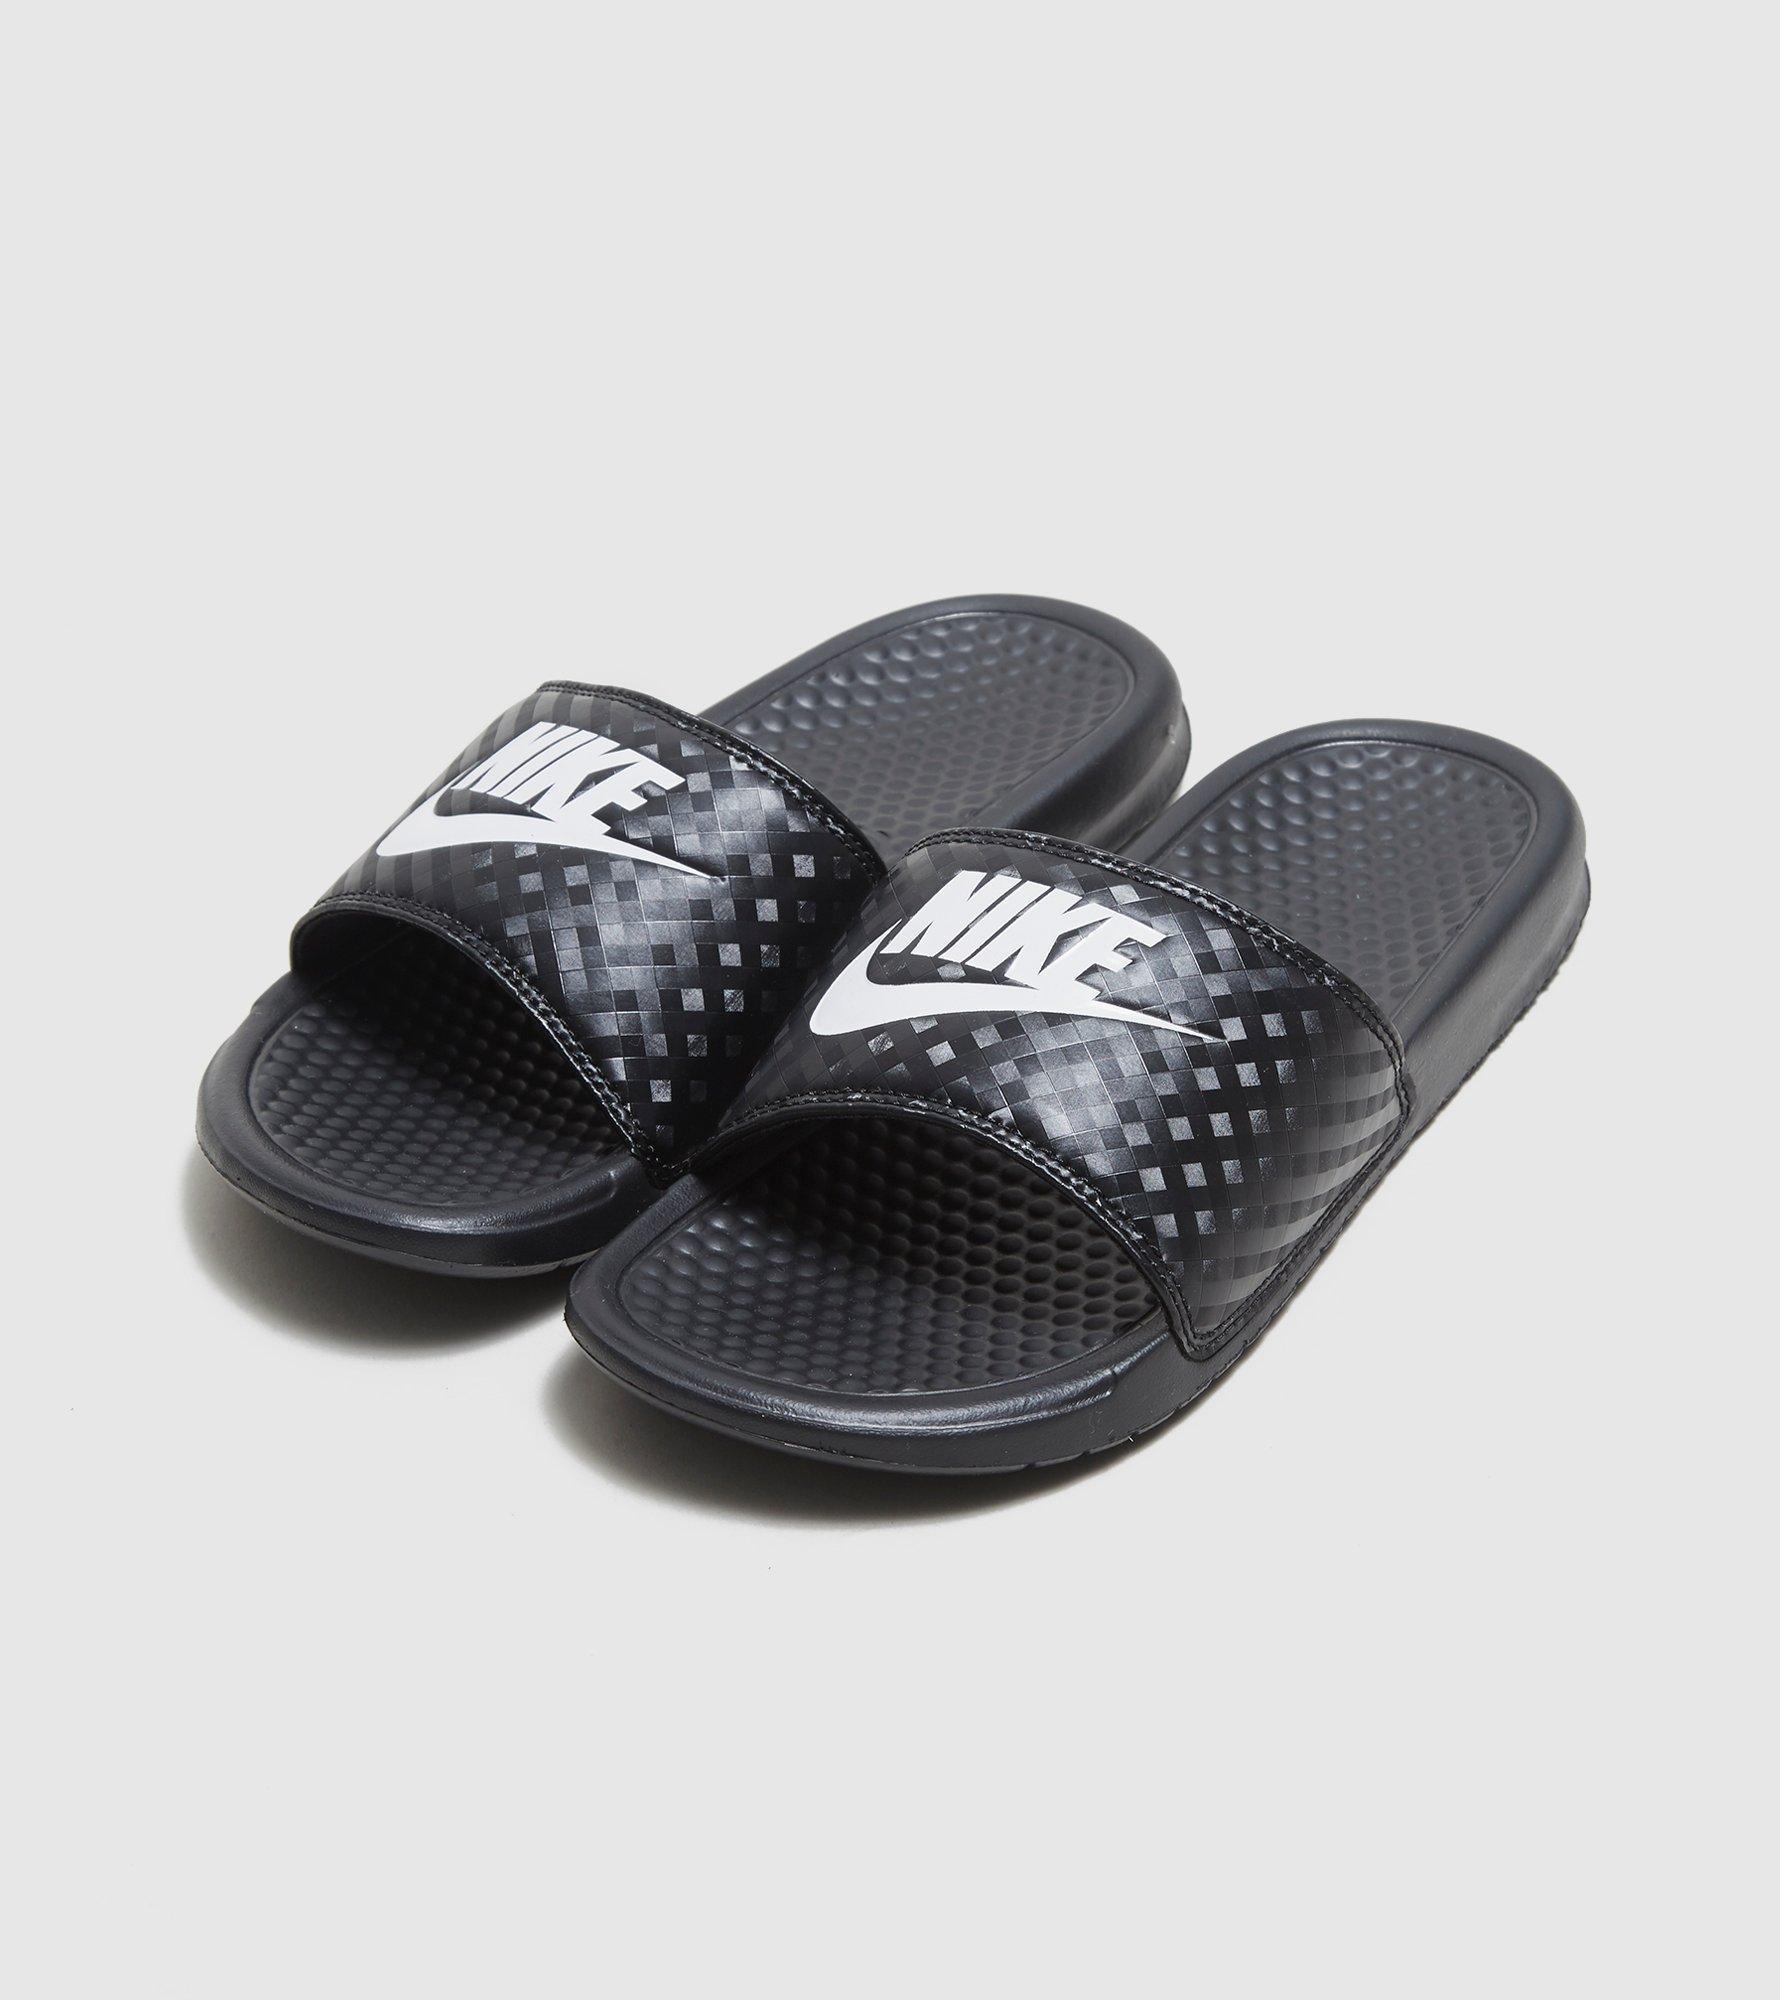 4df6015bcd66 Lyst - Nike Benassi Just Do It Slides Women s in Black for Men